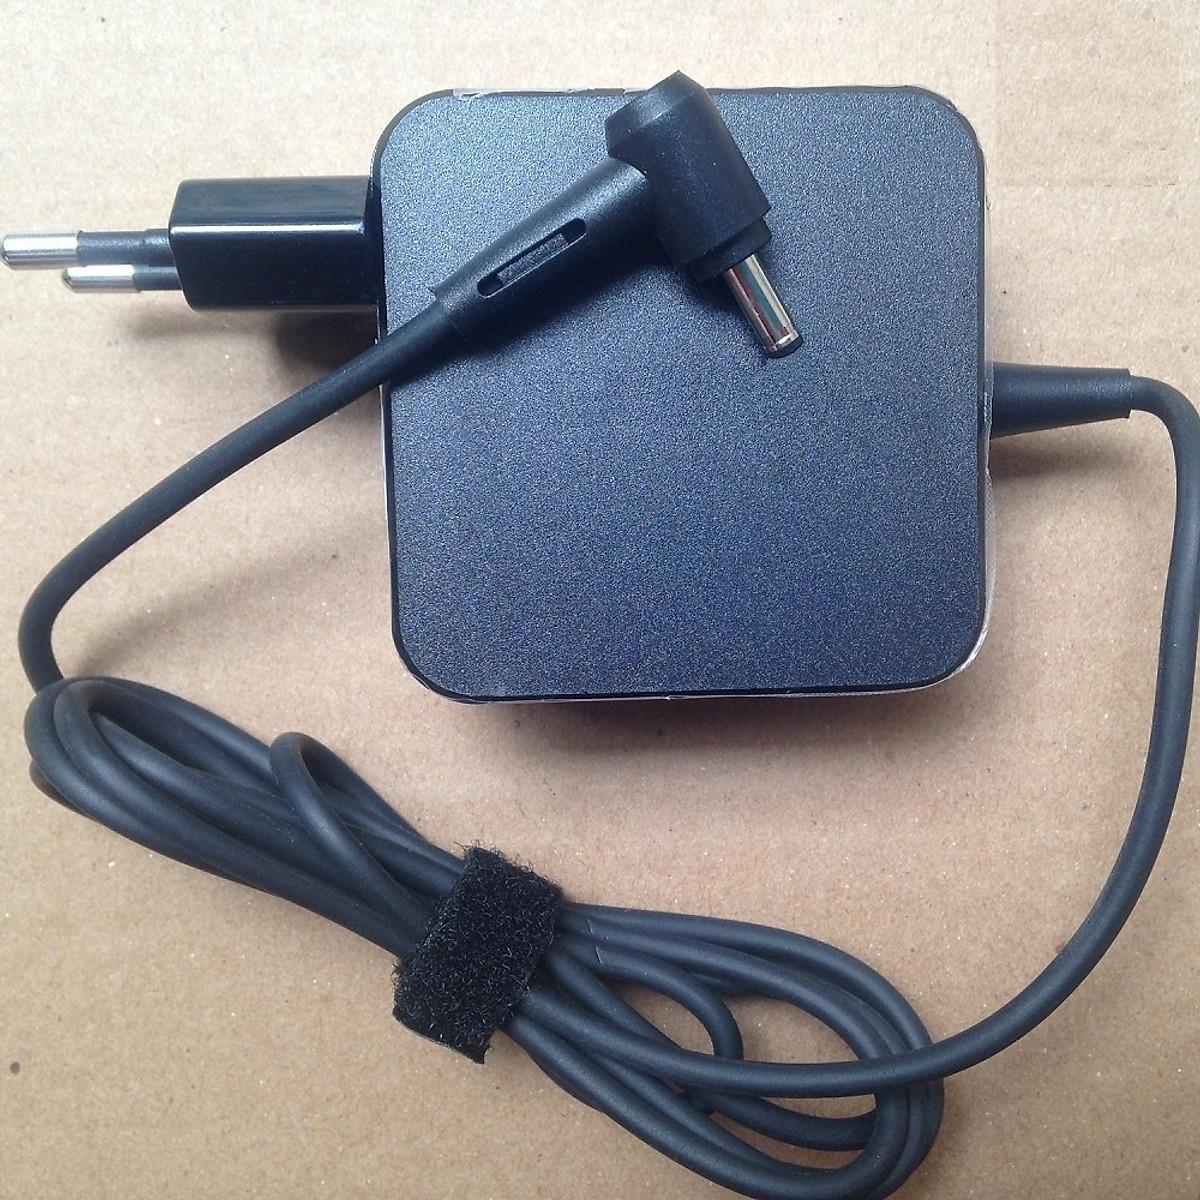 Sạc dành cho Laptop Asus X553 Series Adapter 19V-2.37A